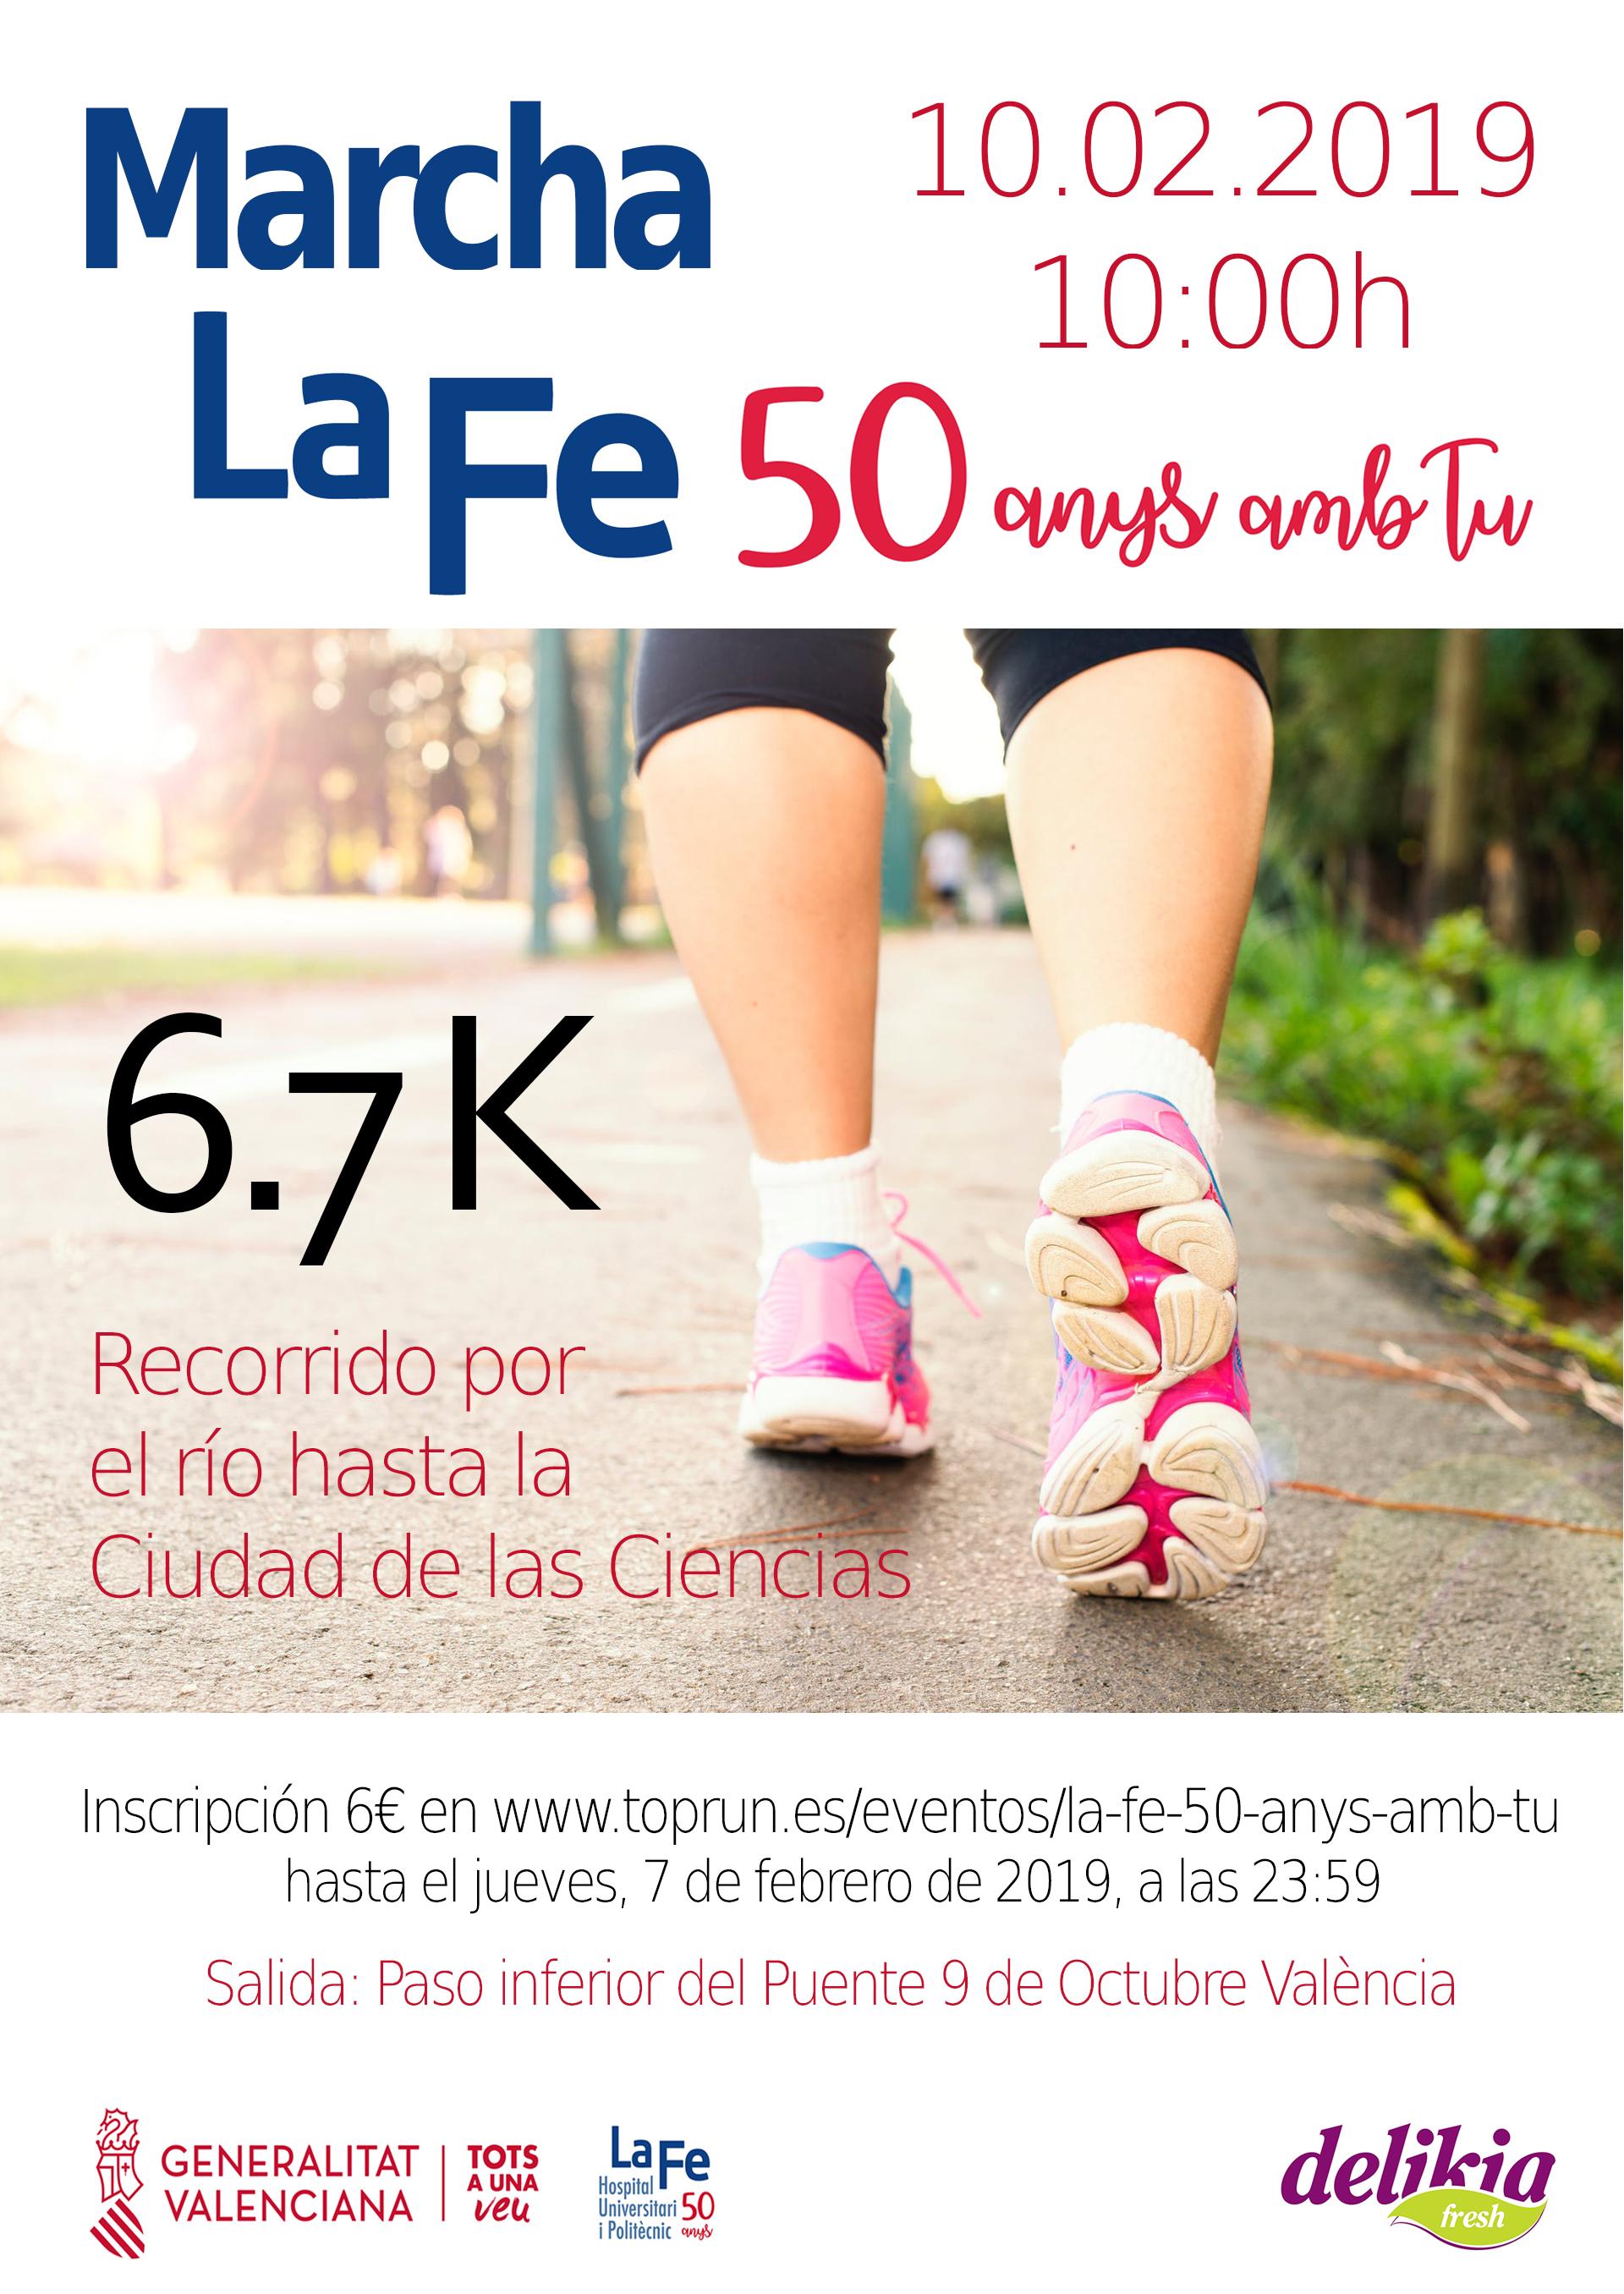 Marcha La Fe 50 anys amb tu